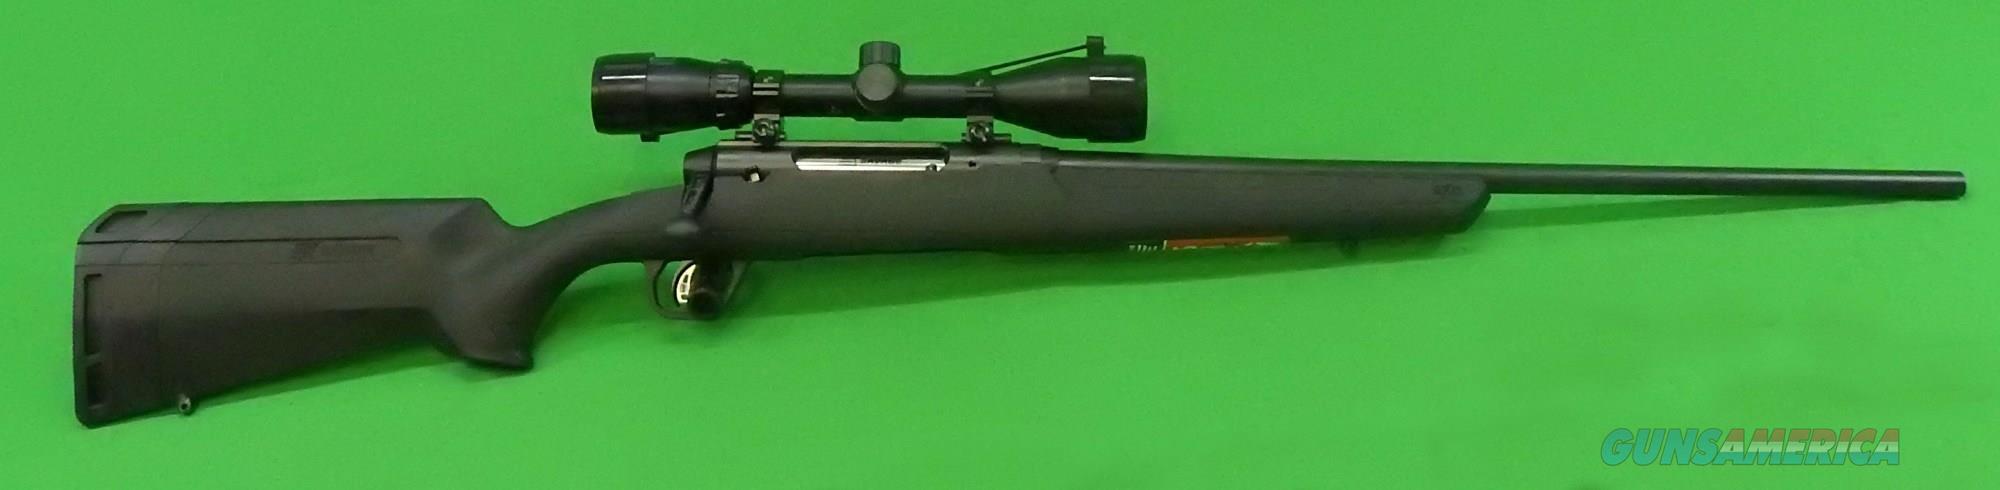 Axis II XP Black Syn 7mm-08 22In  57094  Guns > Rifles > Savage Rifles > Axis